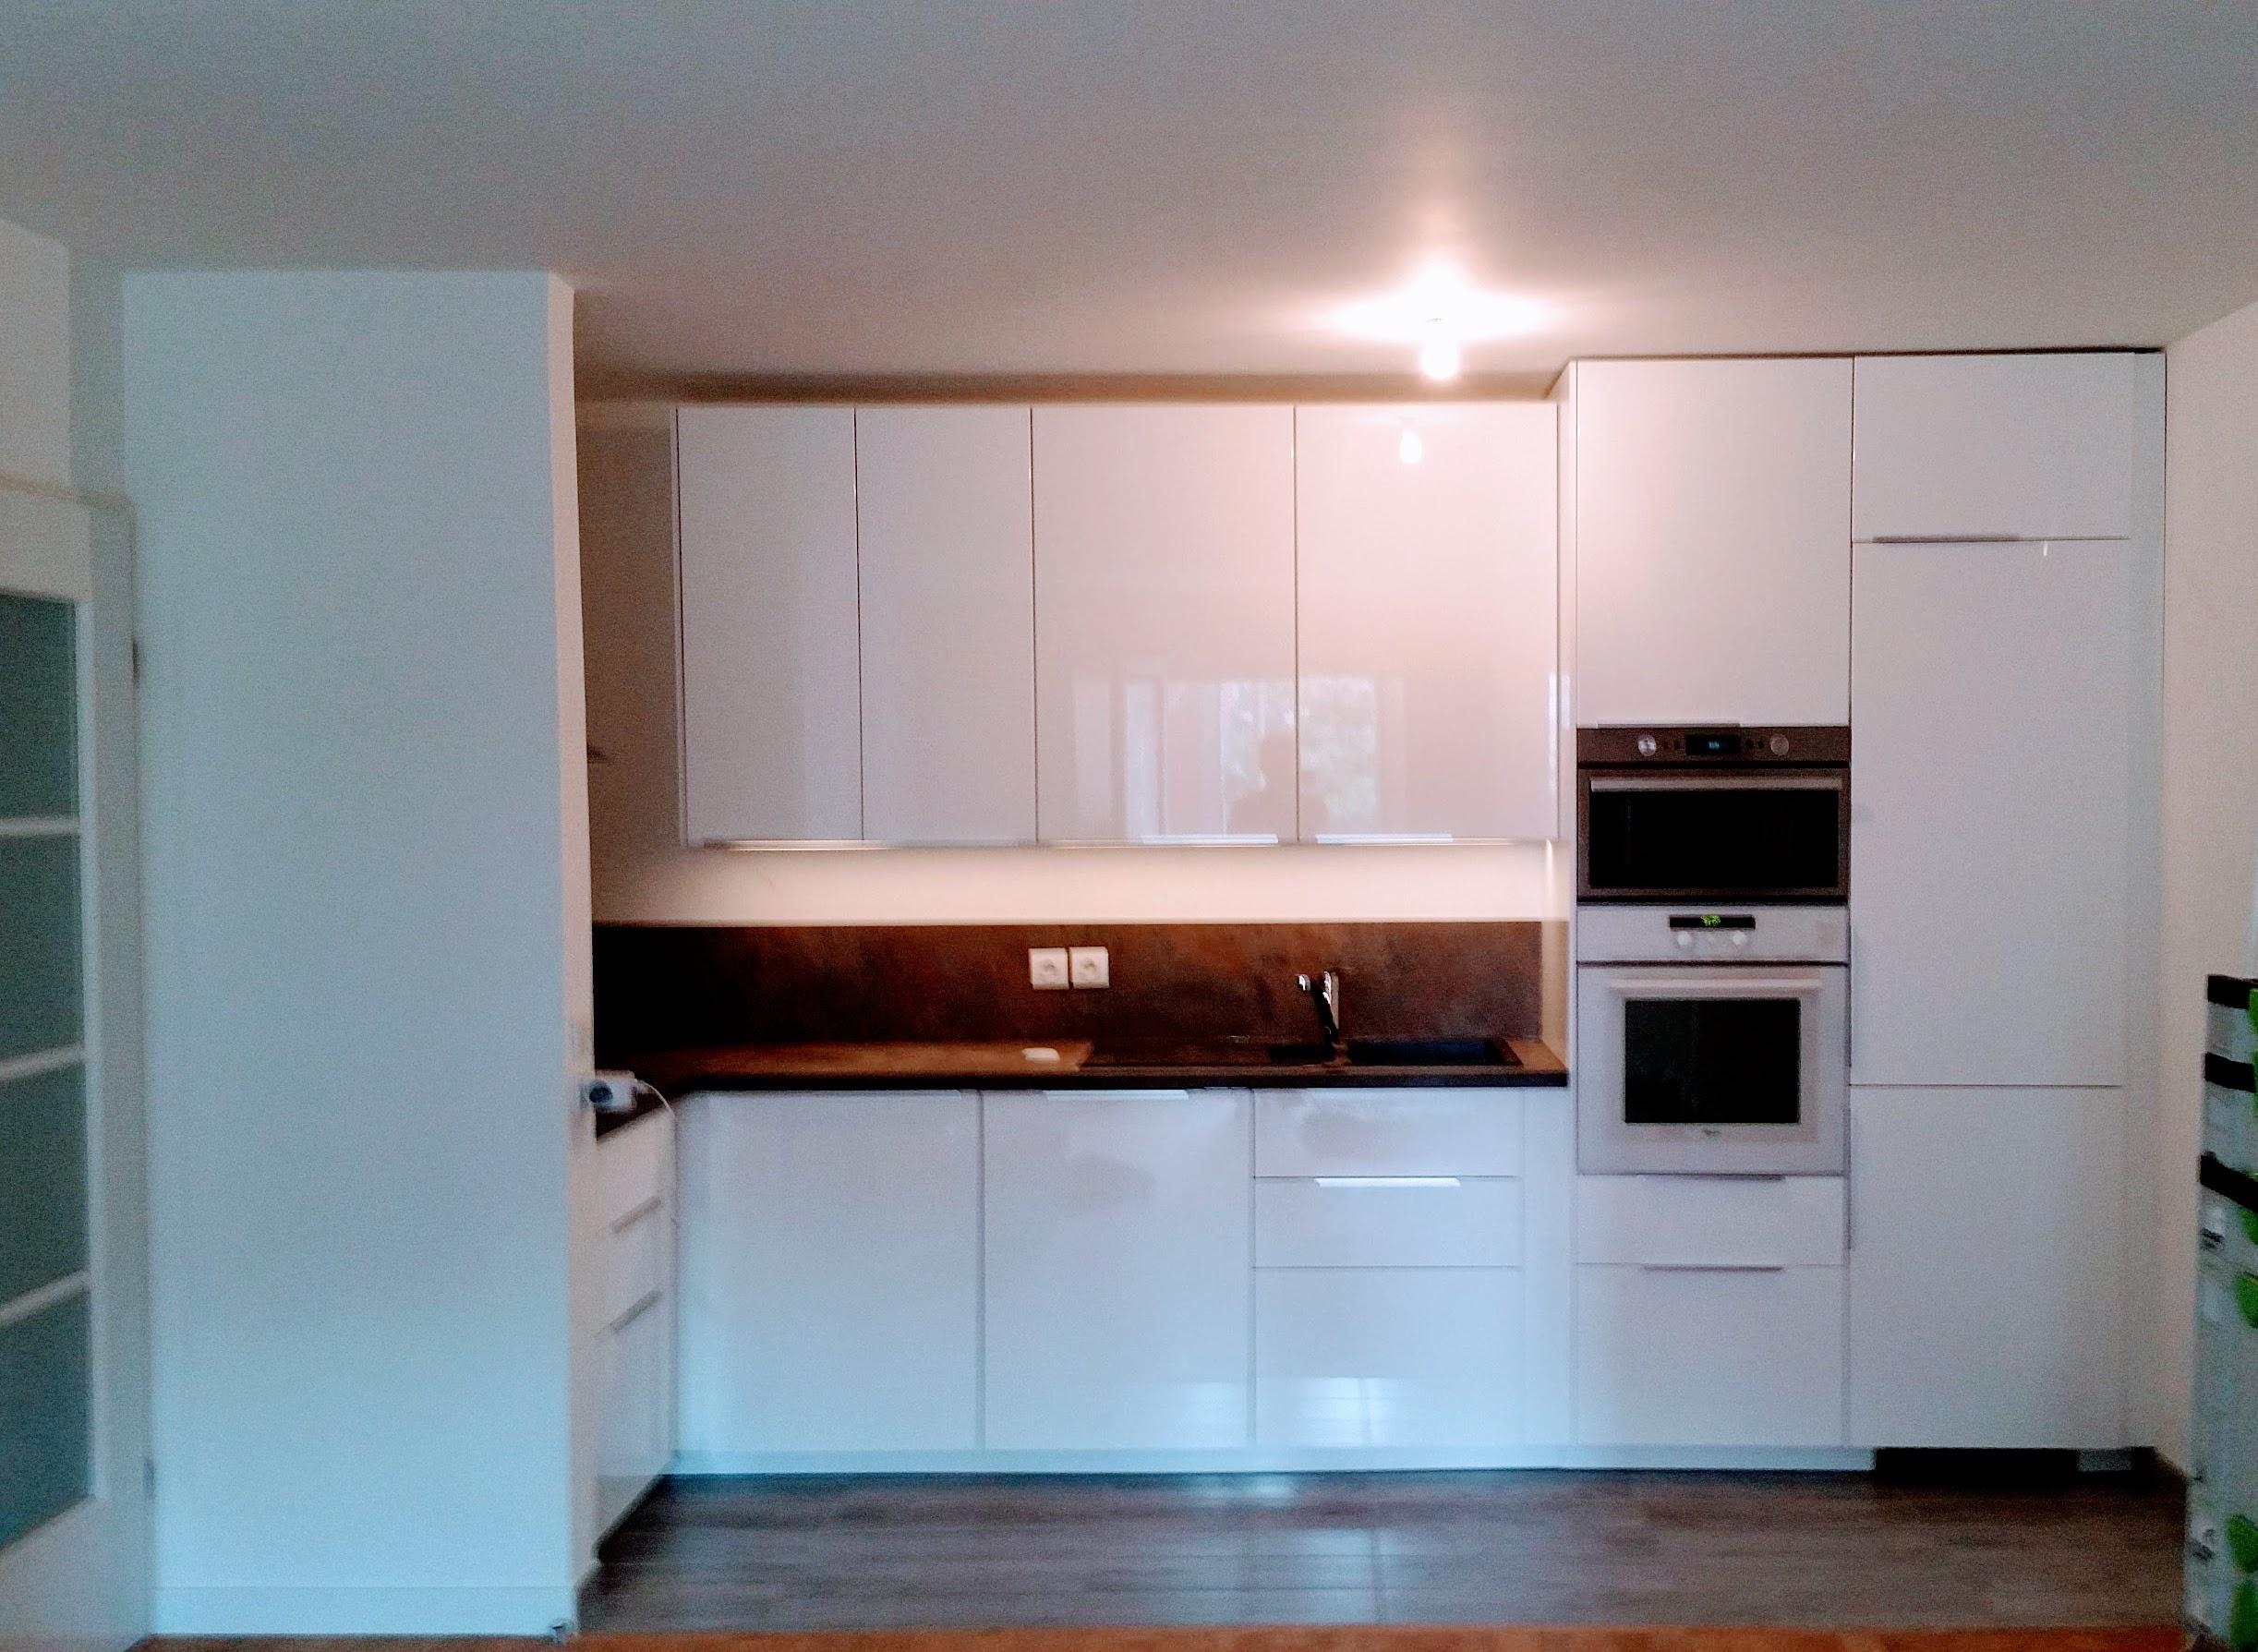 monteur de cuisine top monteur cuisine ikea meilleurs produits montage de notre cuisine en kit. Black Bedroom Furniture Sets. Home Design Ideas